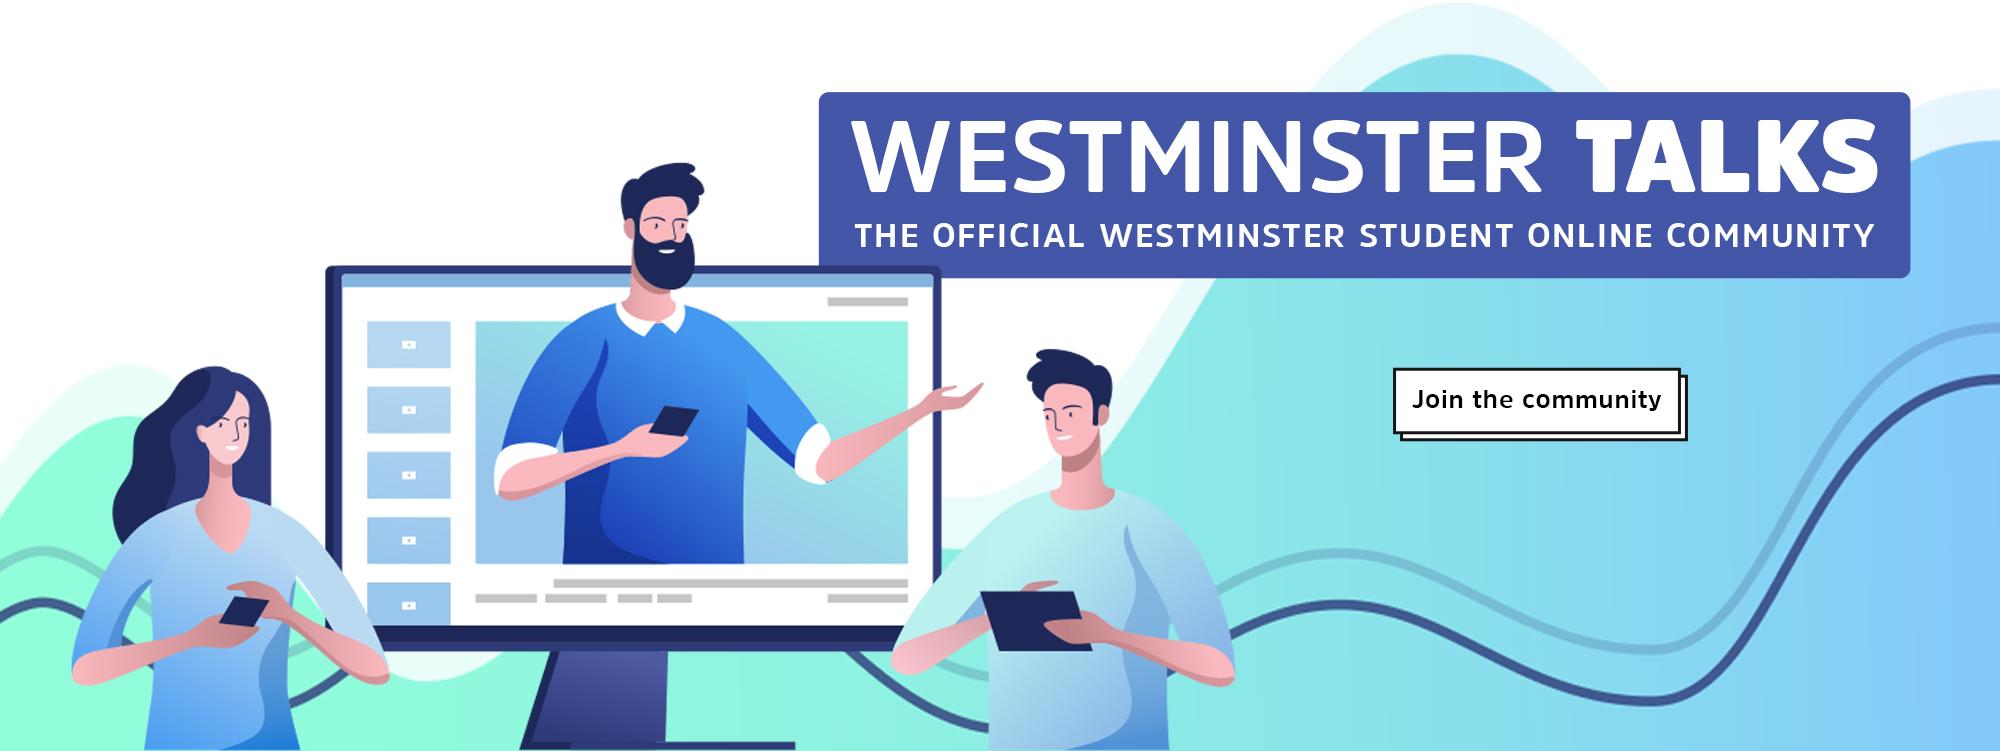 Westminster talks webbanner